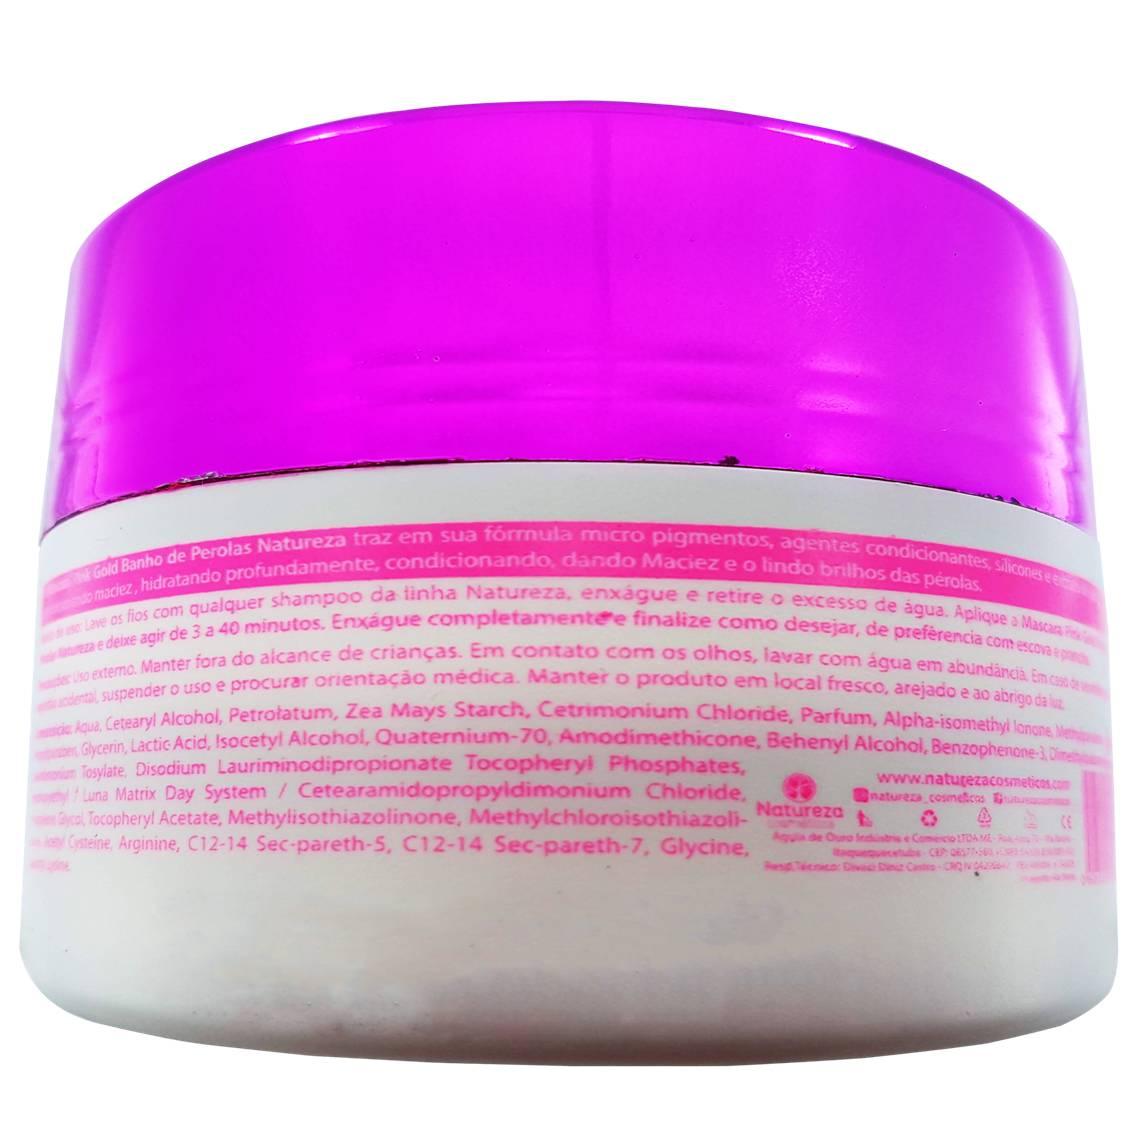 Máscara banho de pérola Pink Gold 300g - Natureza Cosméticos